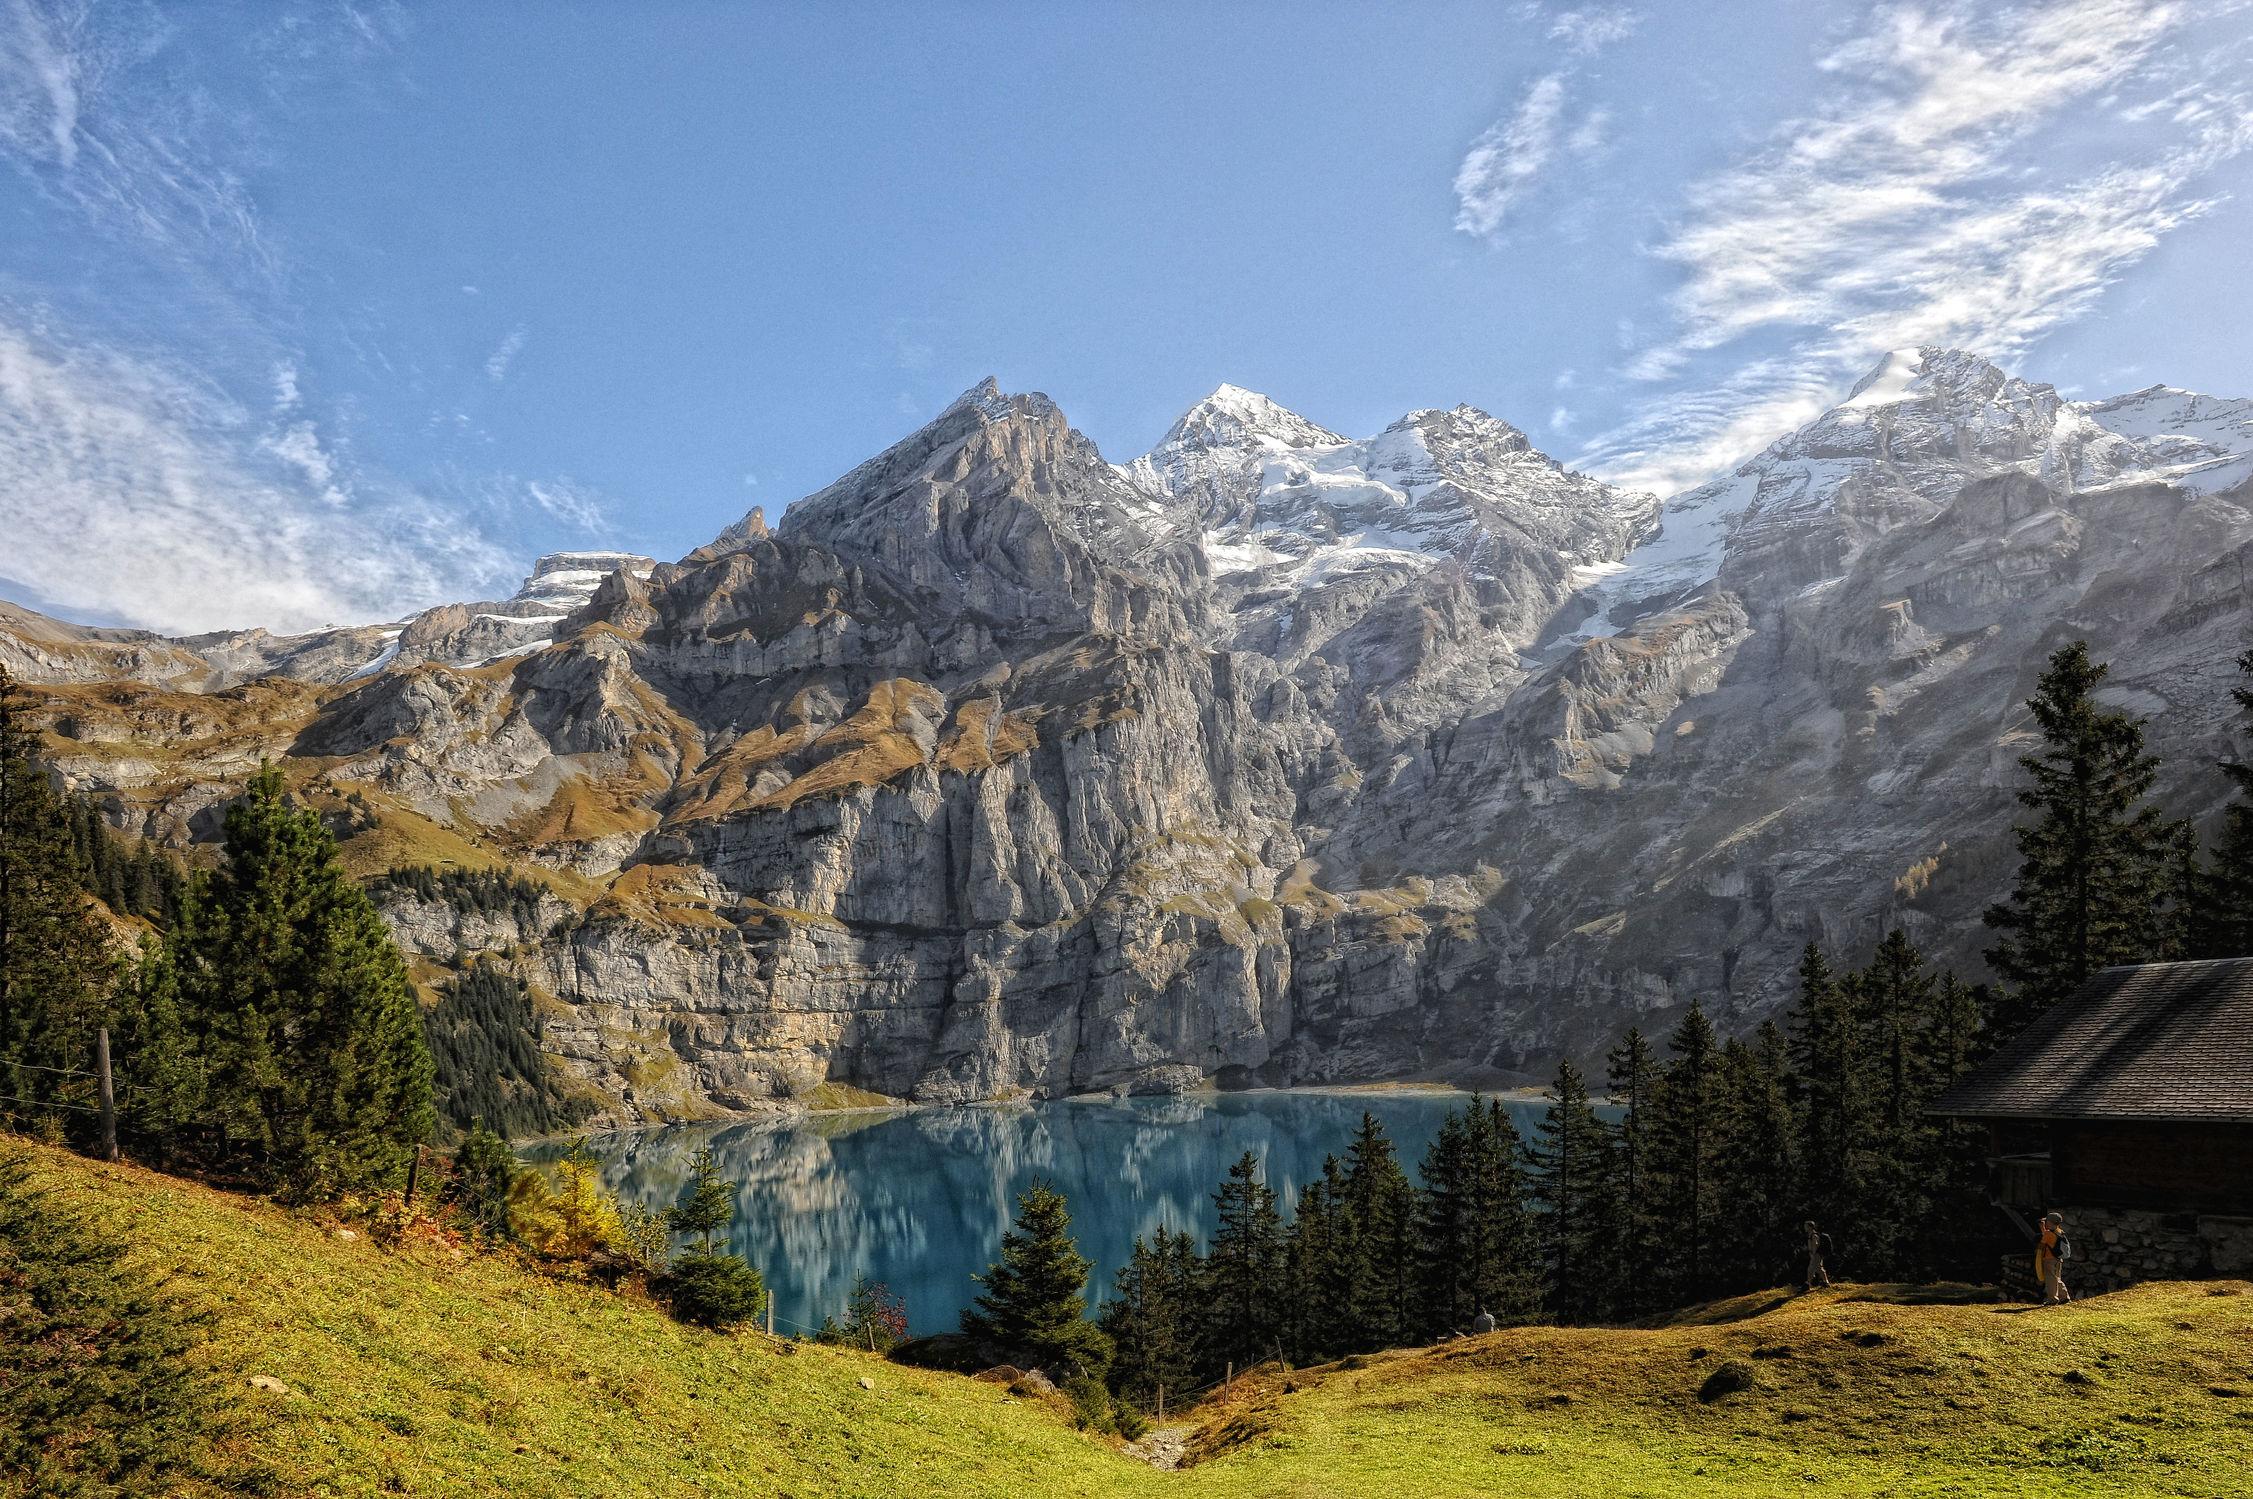 Bild mit Berge, Alpen, Landschaft, Bergsee, Schweiz